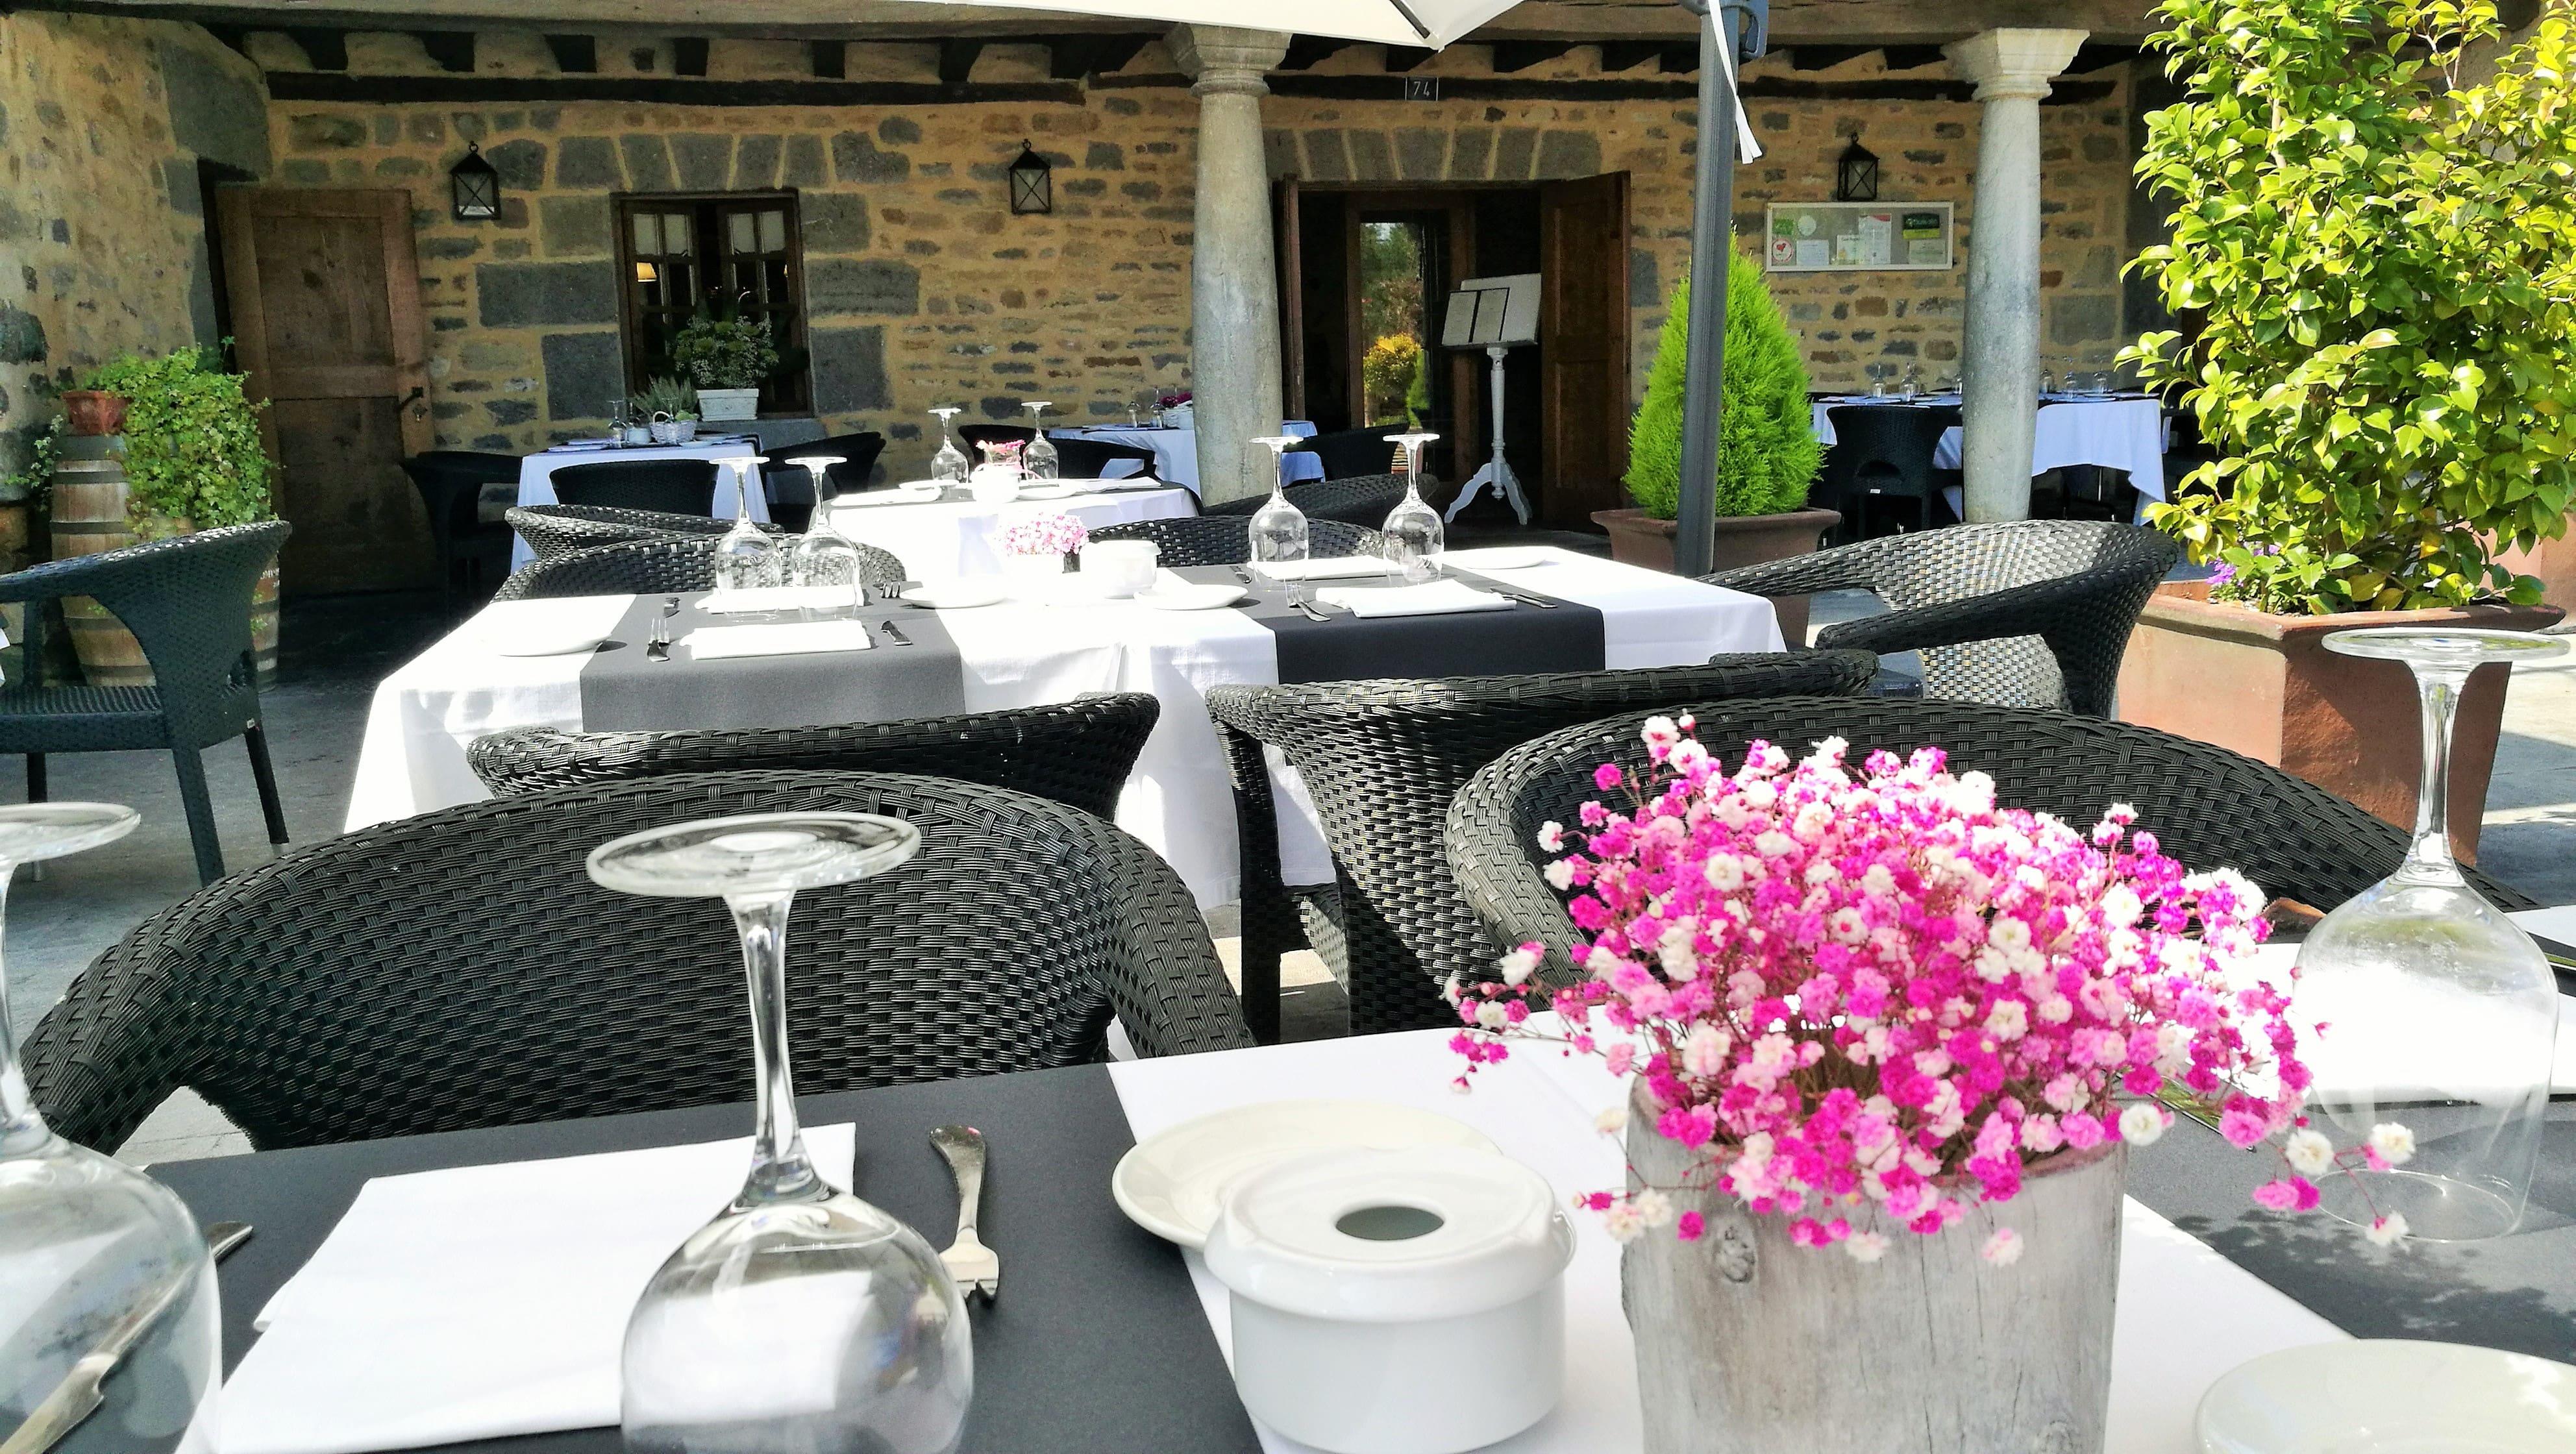 restaurante_bideko-exteriores-terraza-cocina_tradicional_vasca-restaurantes_vizcaya-restaurantes_alava-comer_en_euskadi-bideko-amurrio-lezama (32)